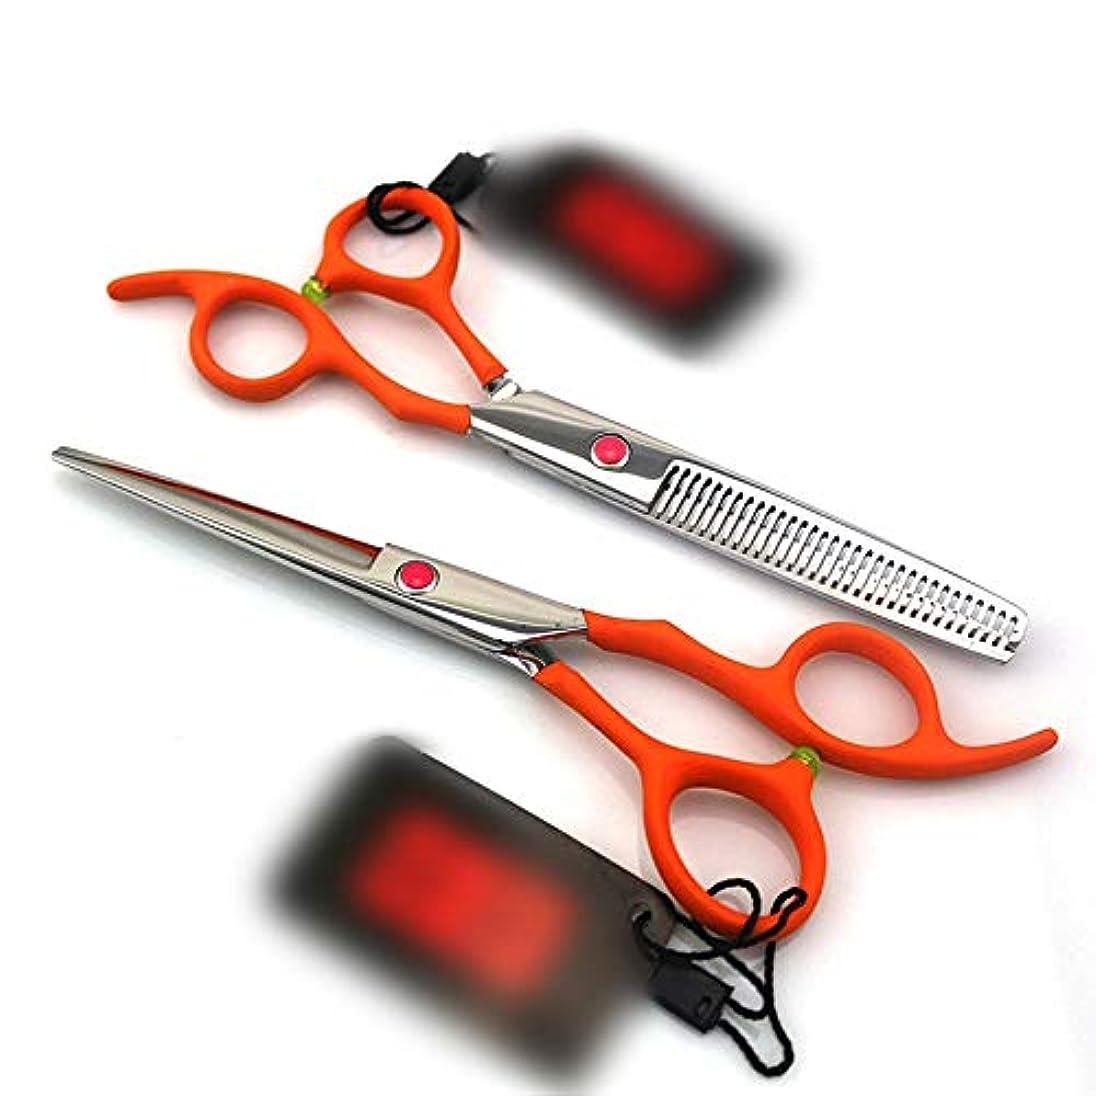 再生悲しみどちらか6.0インチのオレンジ専門の理髪はさみ、平らな+歯はさみの理髪用具セット ヘアケア (色 : オレンジ)